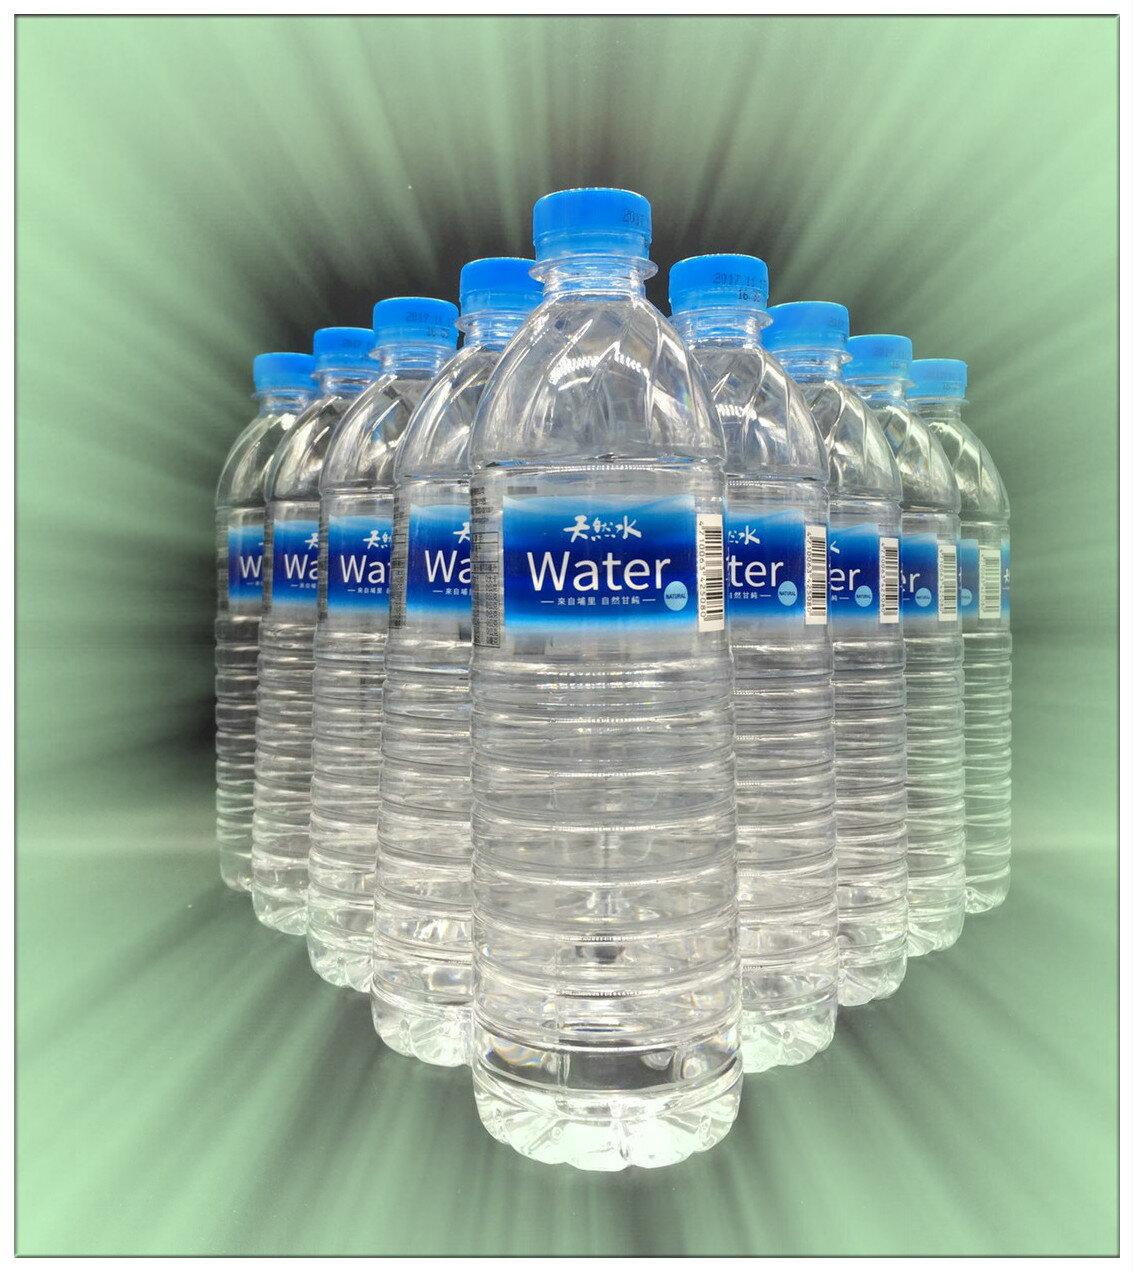 天然水 宅配免運 天然水560ml x 24入 礦泉水 竹炭水 海洋鹼性離子水 多喝水 純水 悅氏 1